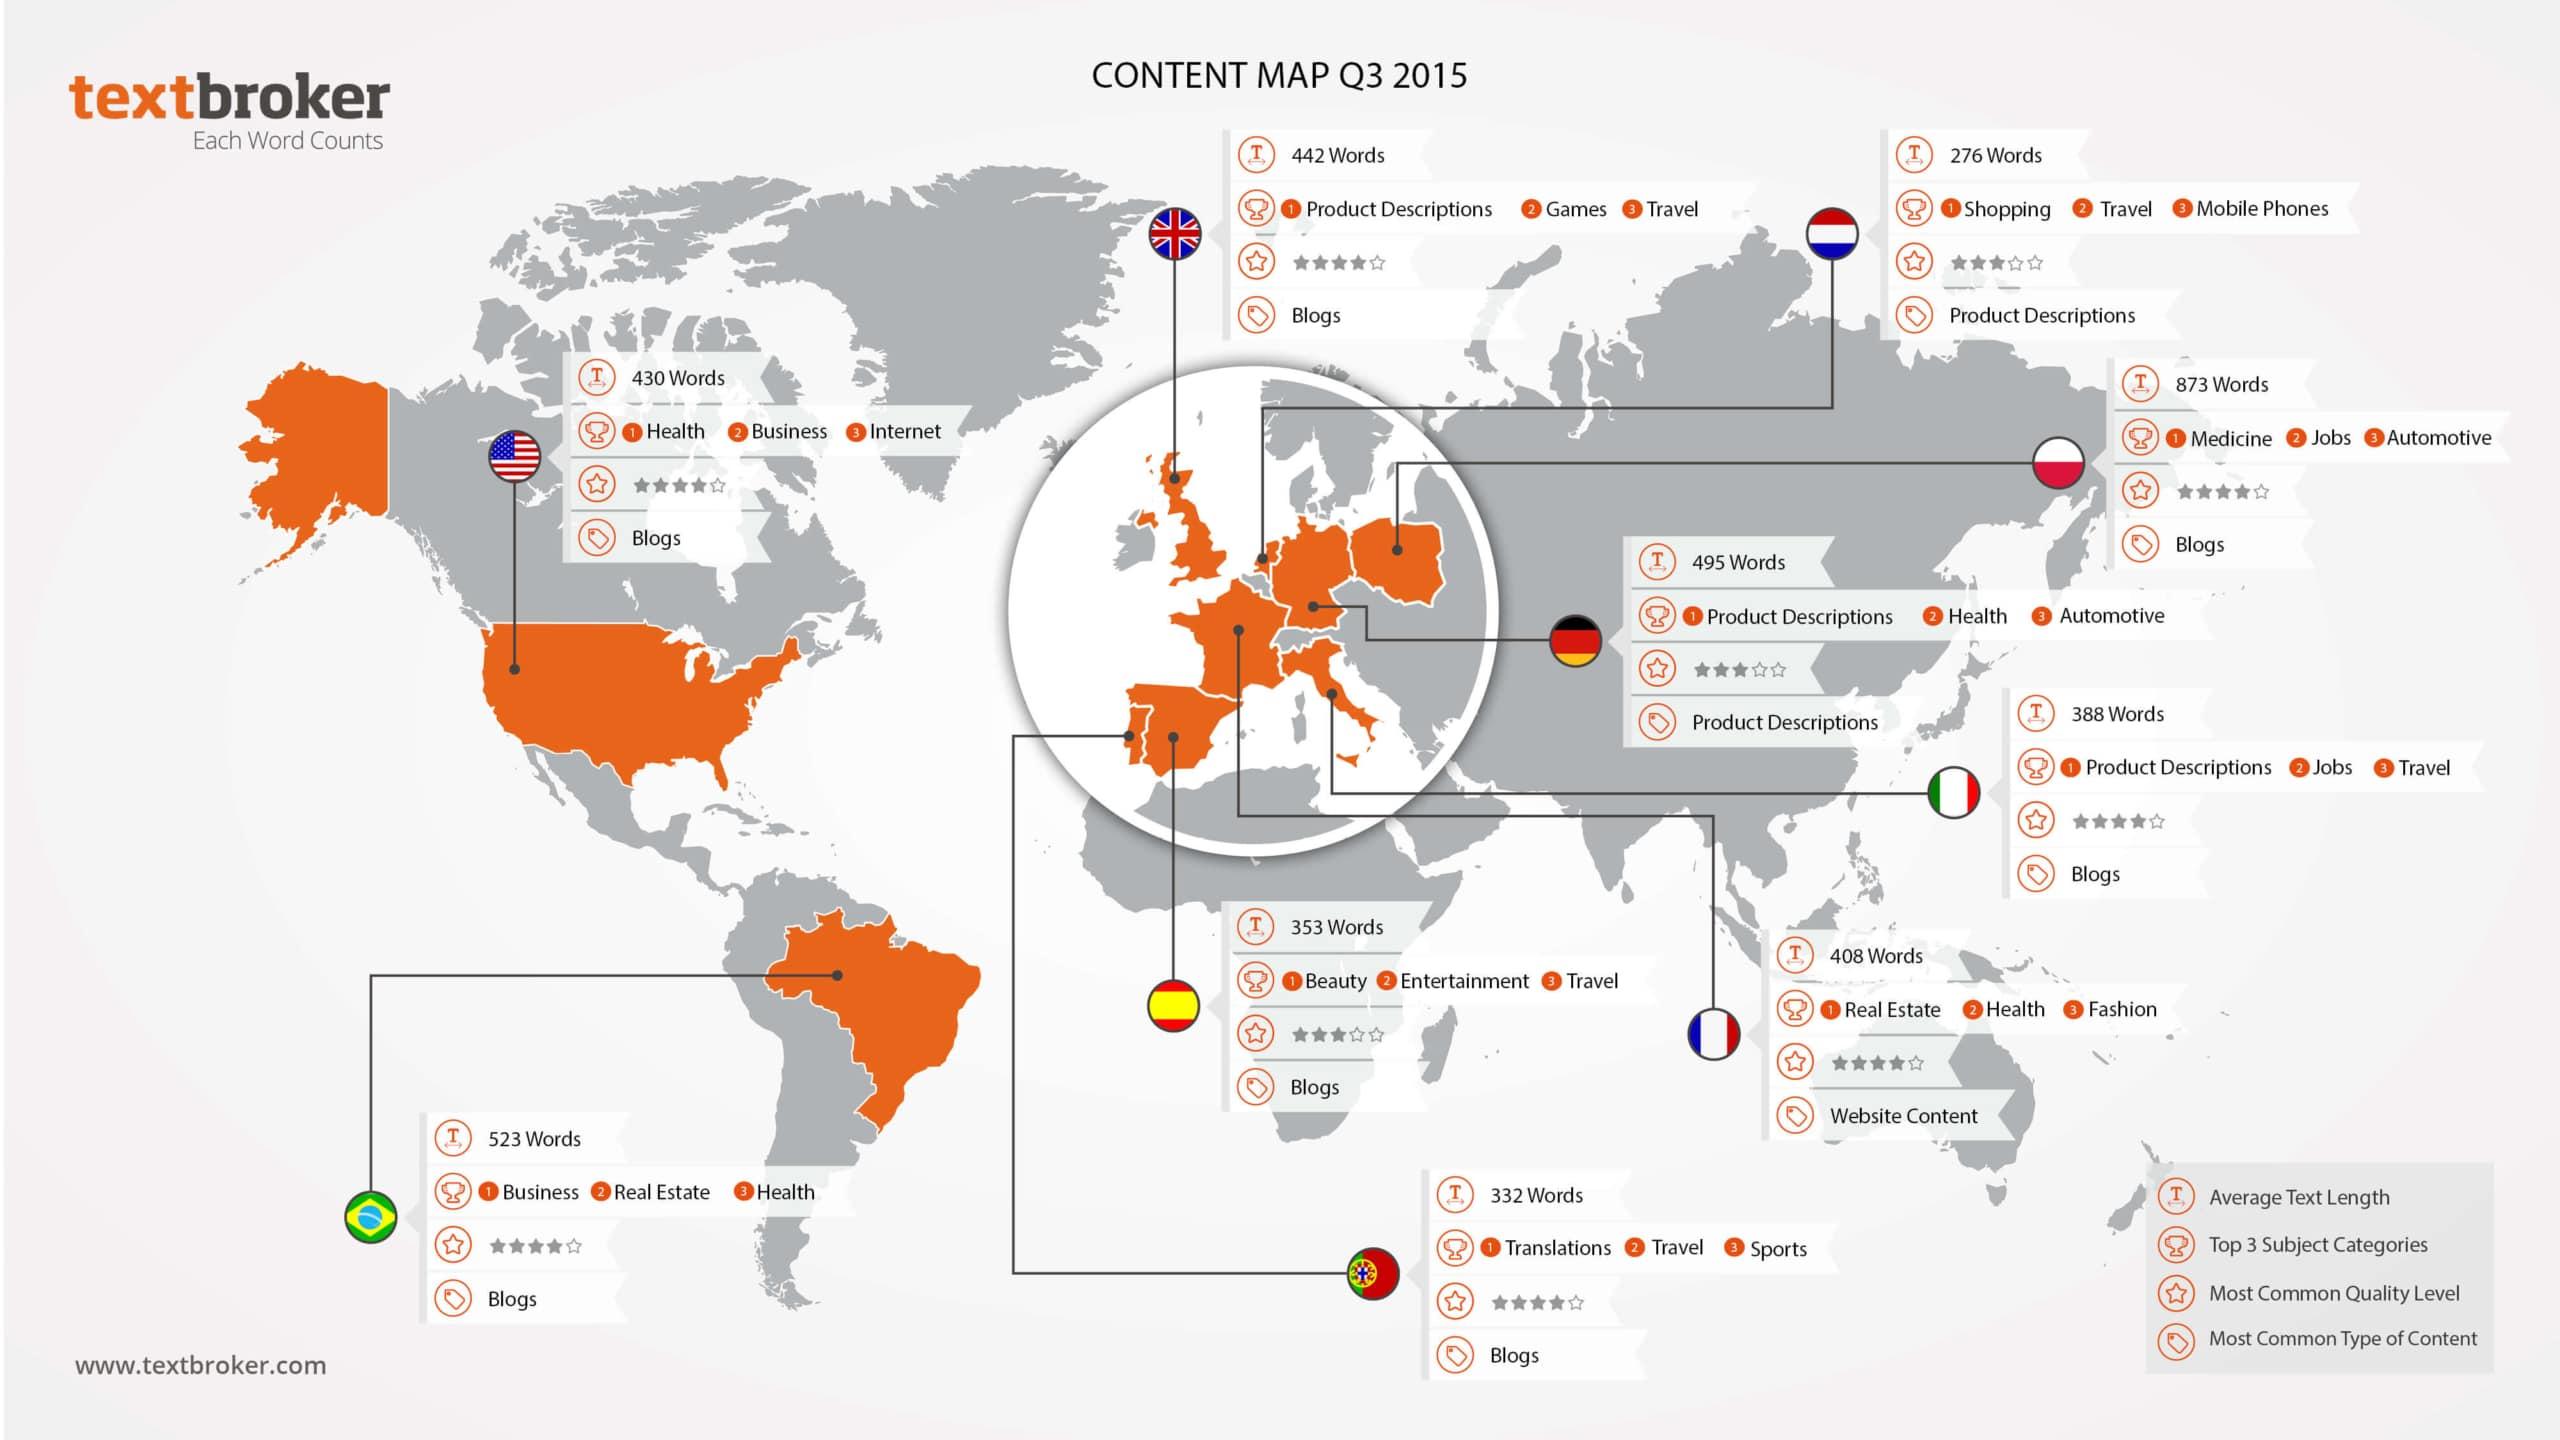 Textbroker Content Map Q3 2015